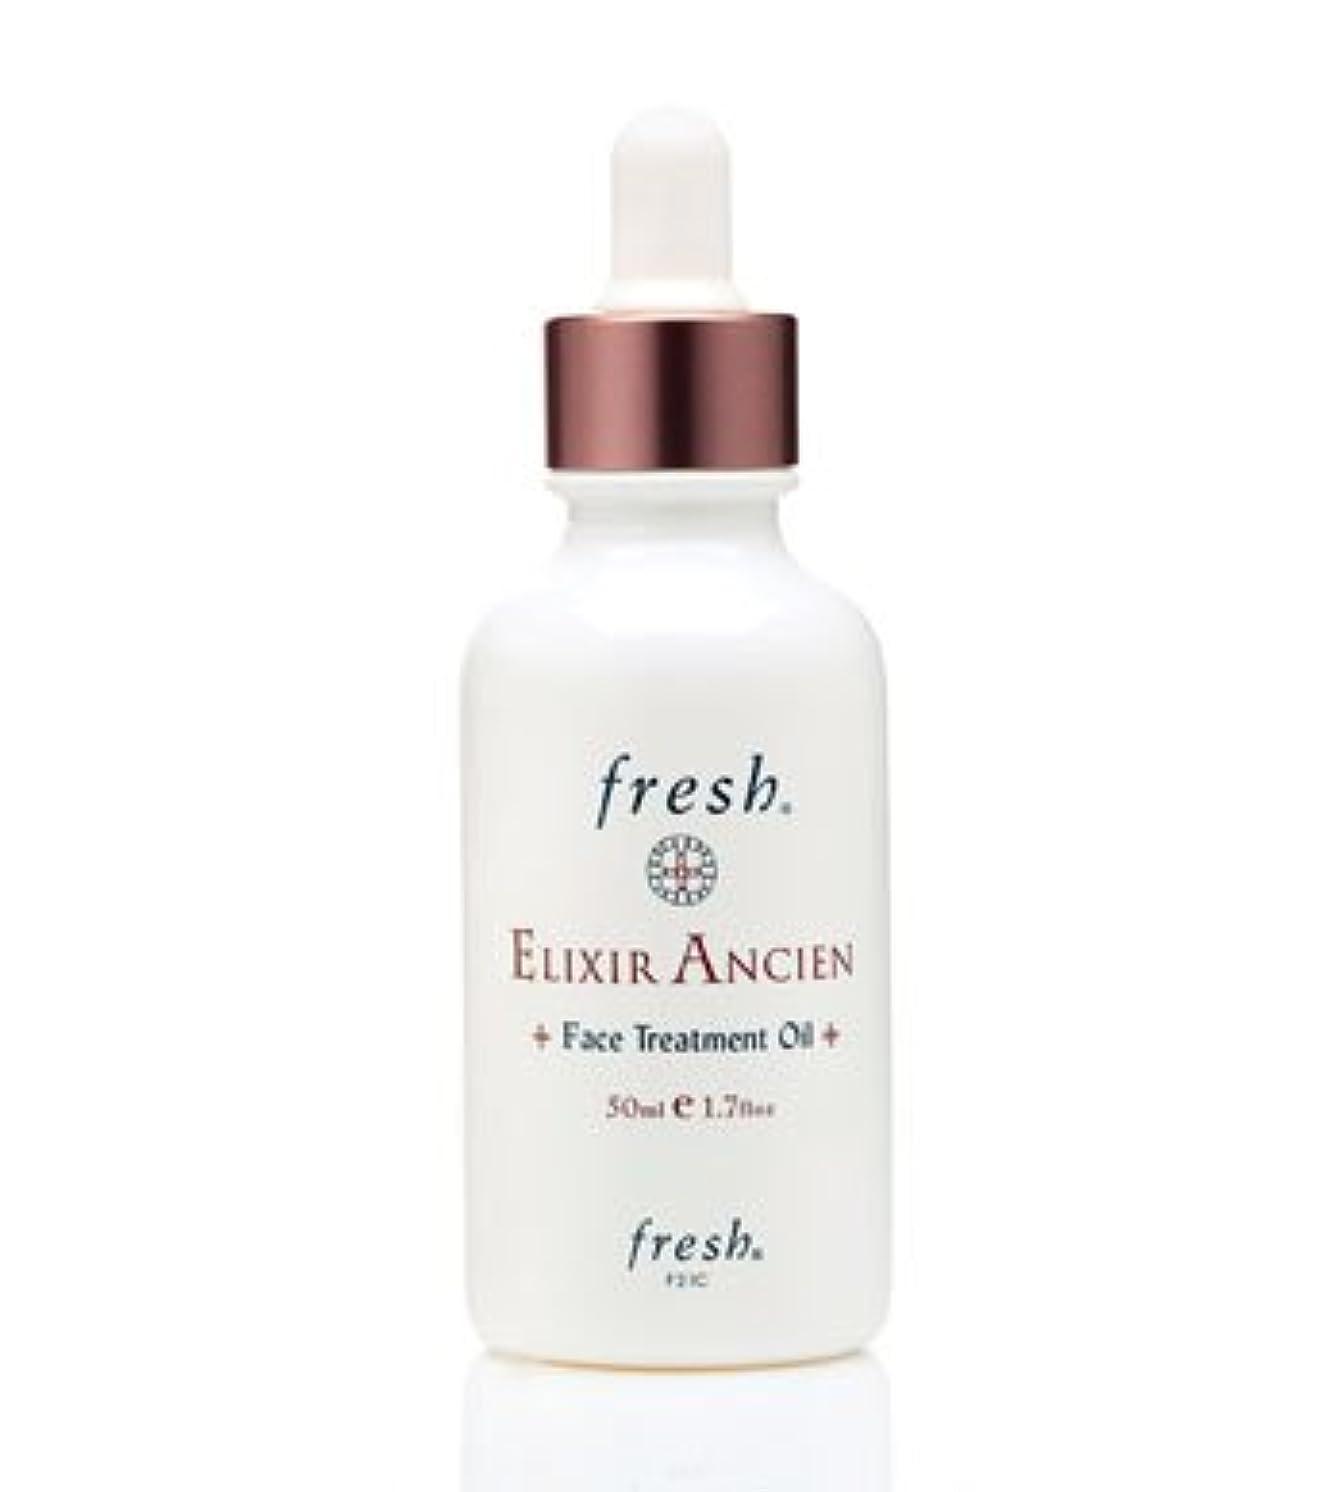 文明小説家経営者Fresh ELIXIR ANCIEN (フレッシュ エリキサーアンシエン) 1.7 oz (50ml) by Fresh for Women